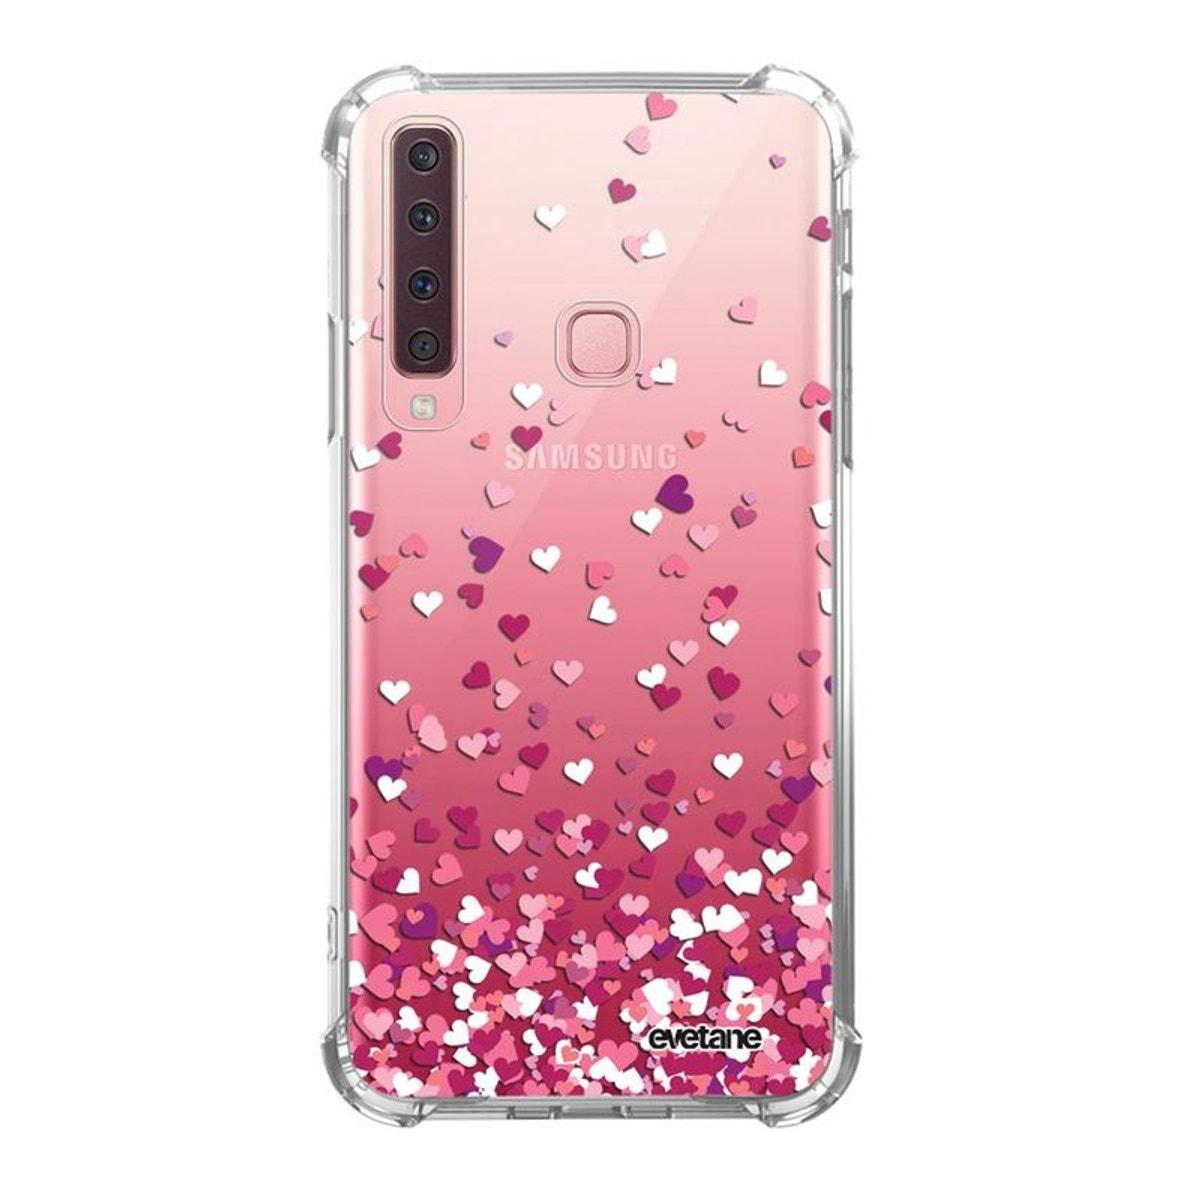 Coque Samsung Galaxy A9 2018 silicone antichoc souple